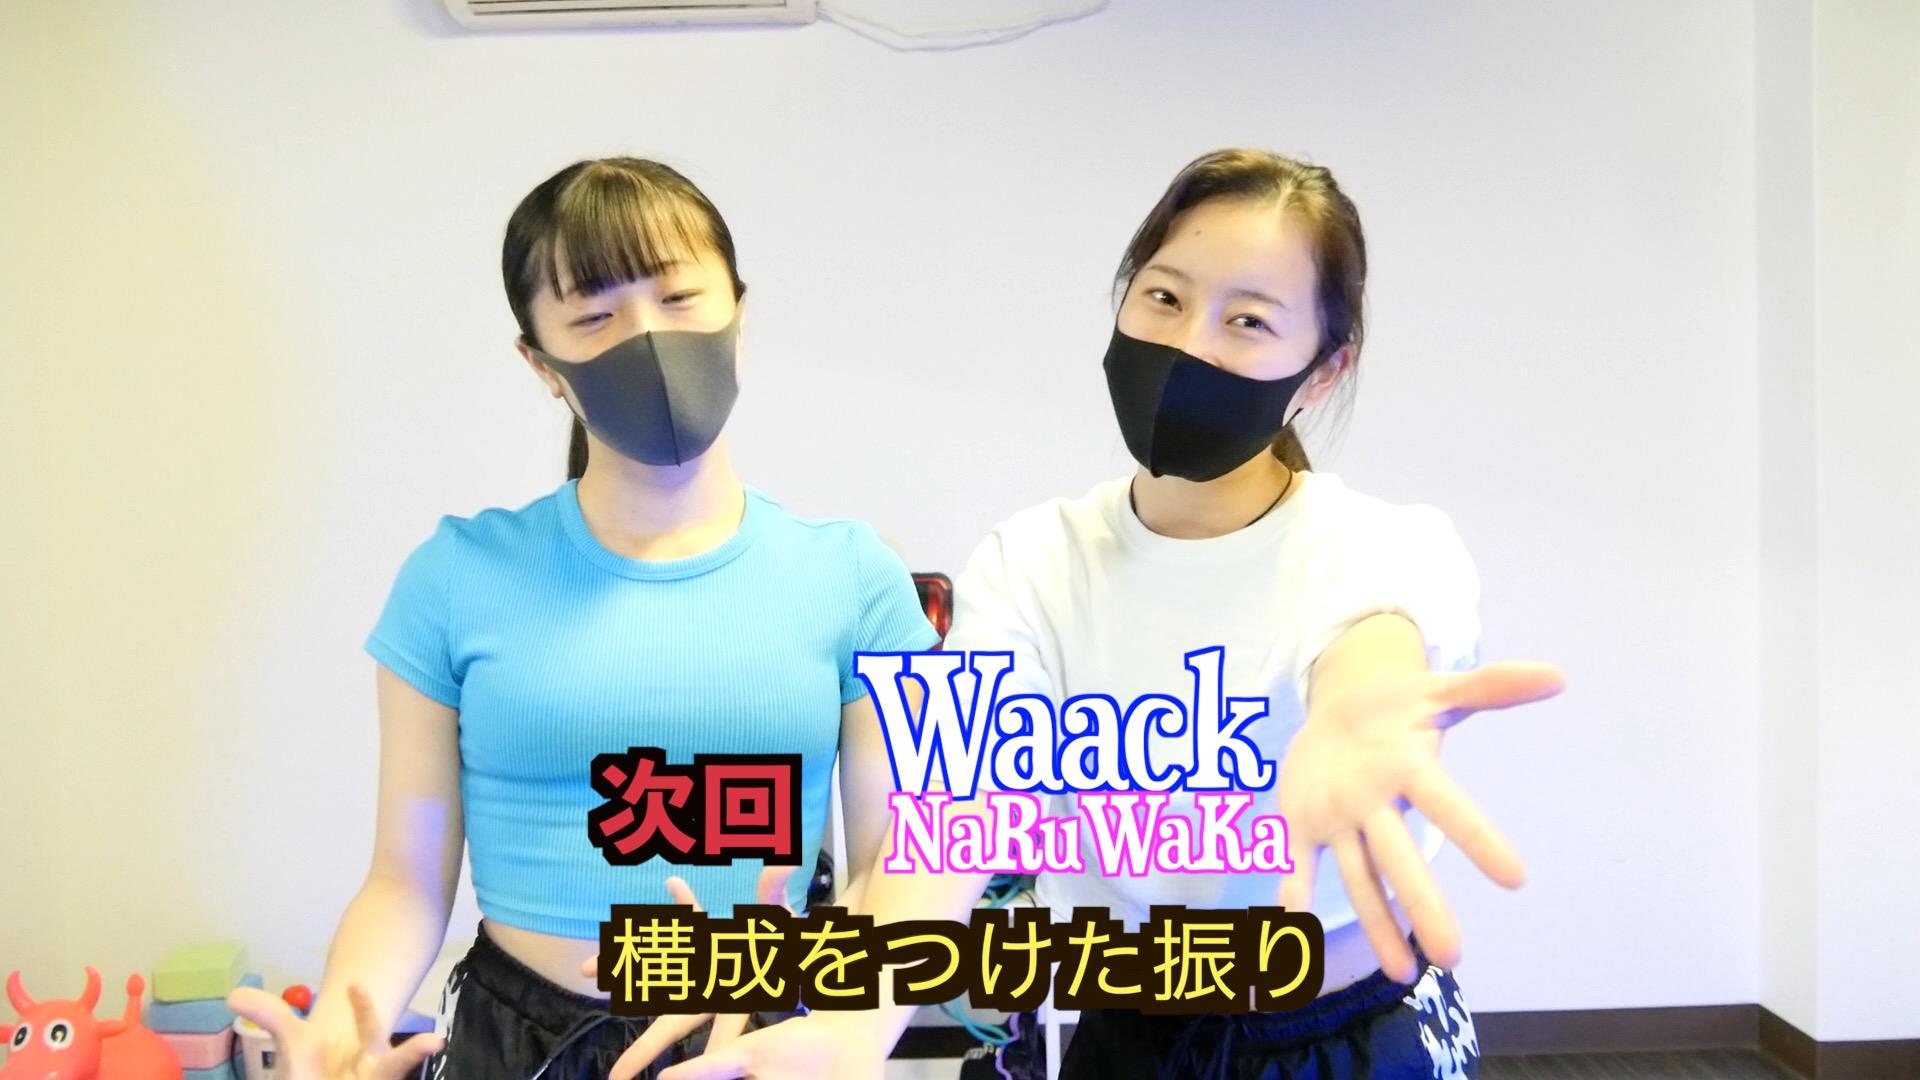 【ダンスレクチャー】簡単な構成をつけた振りをレクチャーします♪/G-Style~Waack~(NaRuToWaKaMe)